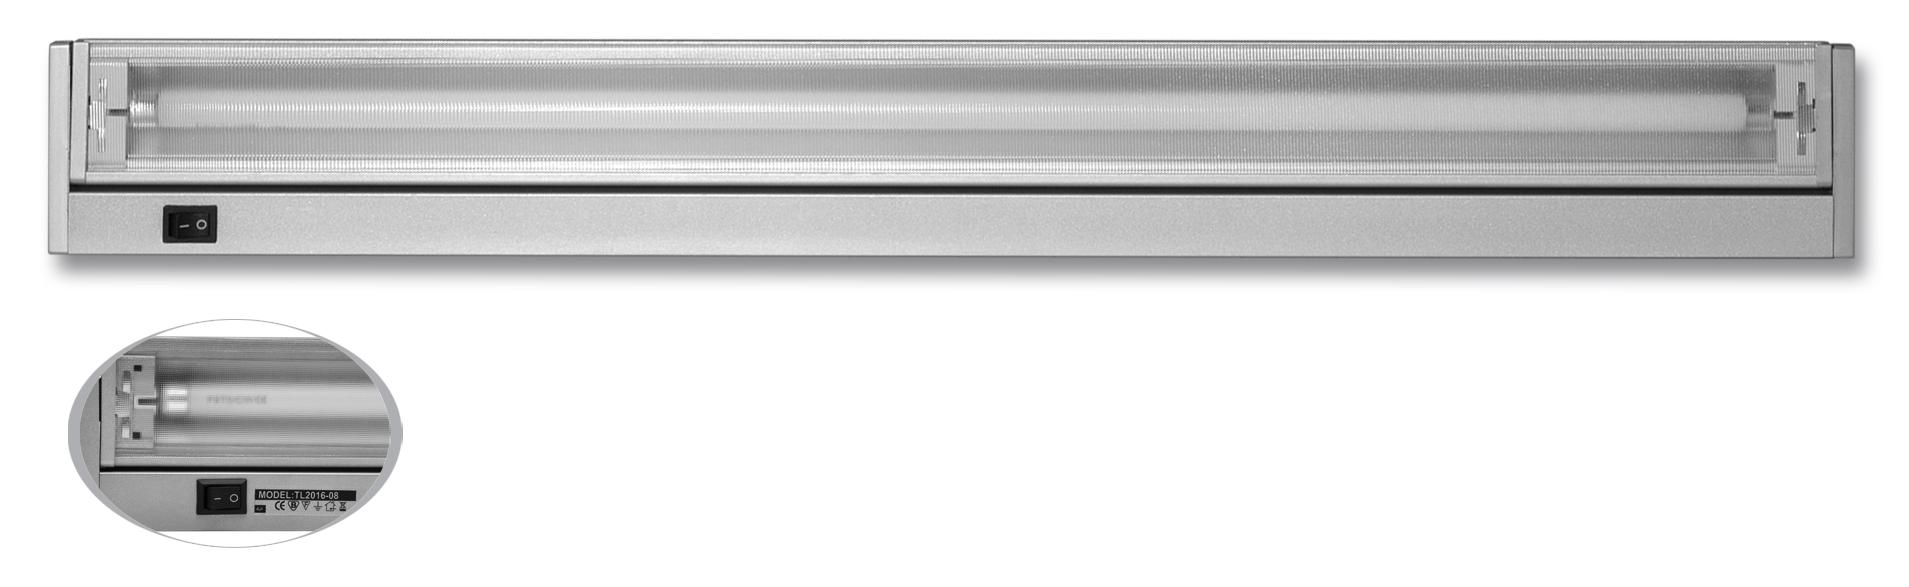 Ecolite TL2016-13 (Svietidlo žiarivkové 13W výklopné)